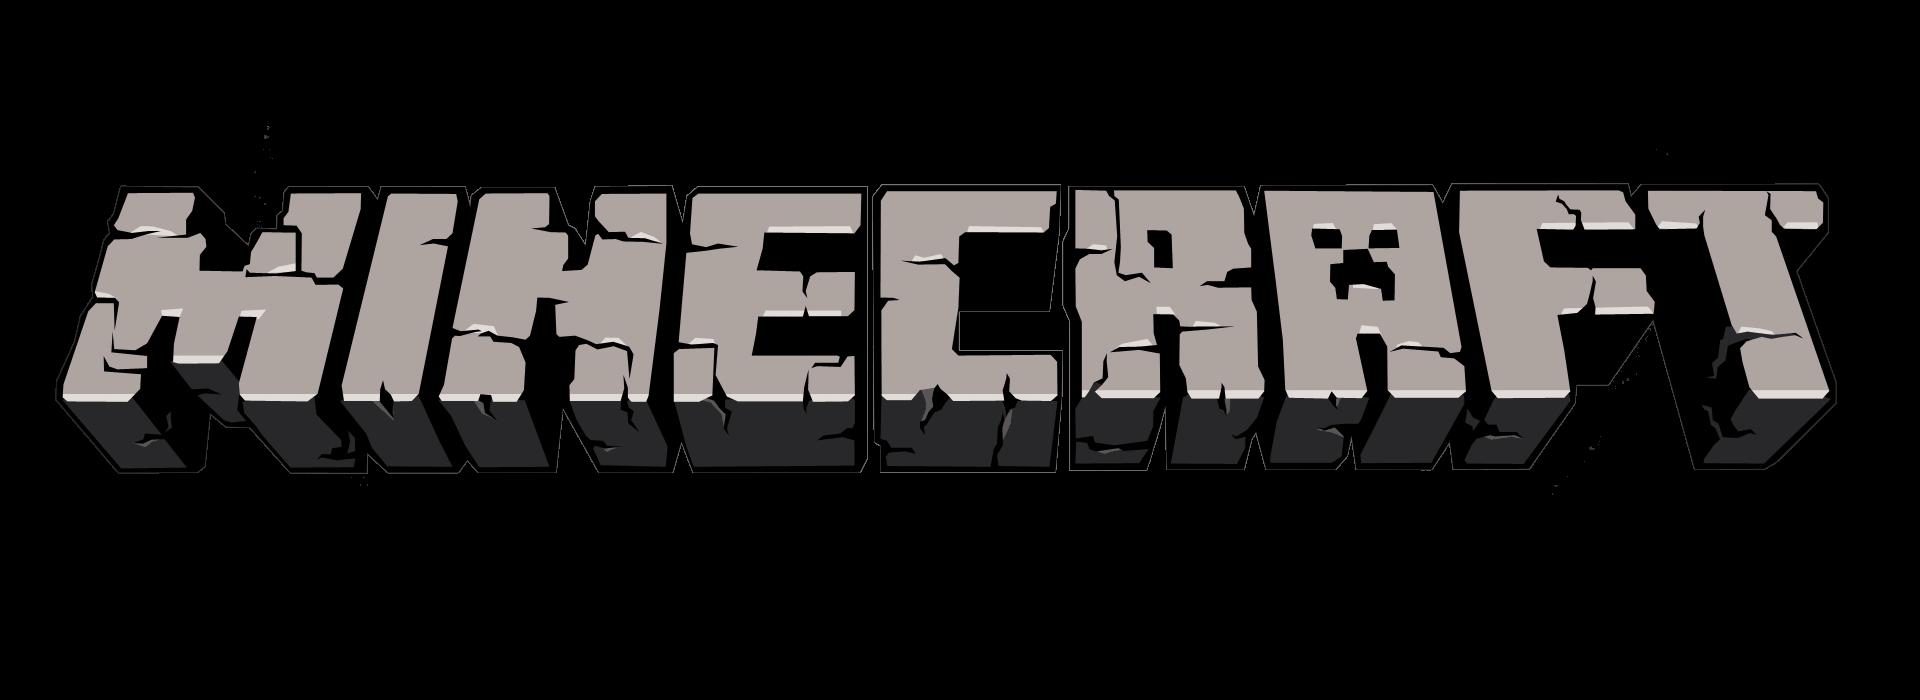 Minecraft to fenomen na skalę światową. Tytuł ten rozchodzi się w bardzo szybkim tempie, a jego sprzedaż można liczyć w milionach egzemplarzy.